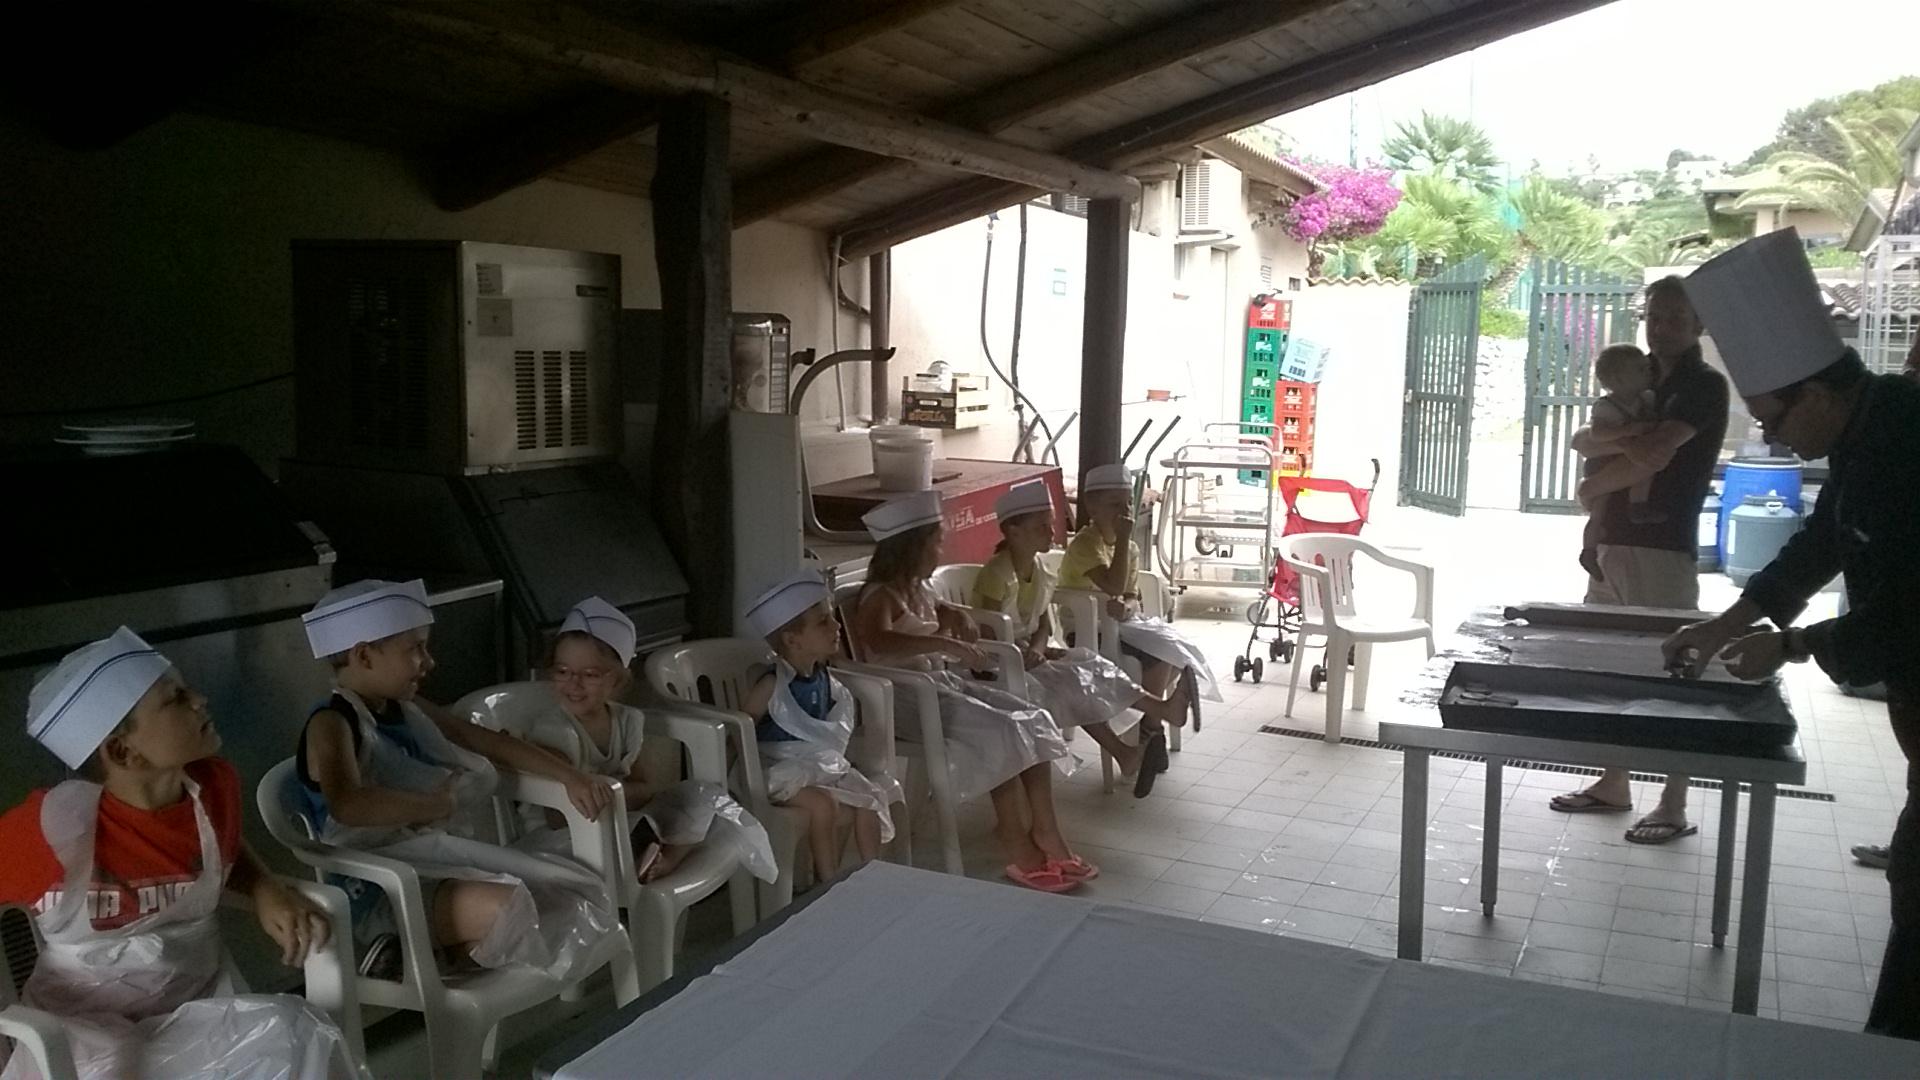 MED@EVENTS srl agenzia di animazione fornisce il servizio di mini club per villaggi turistici in Ita